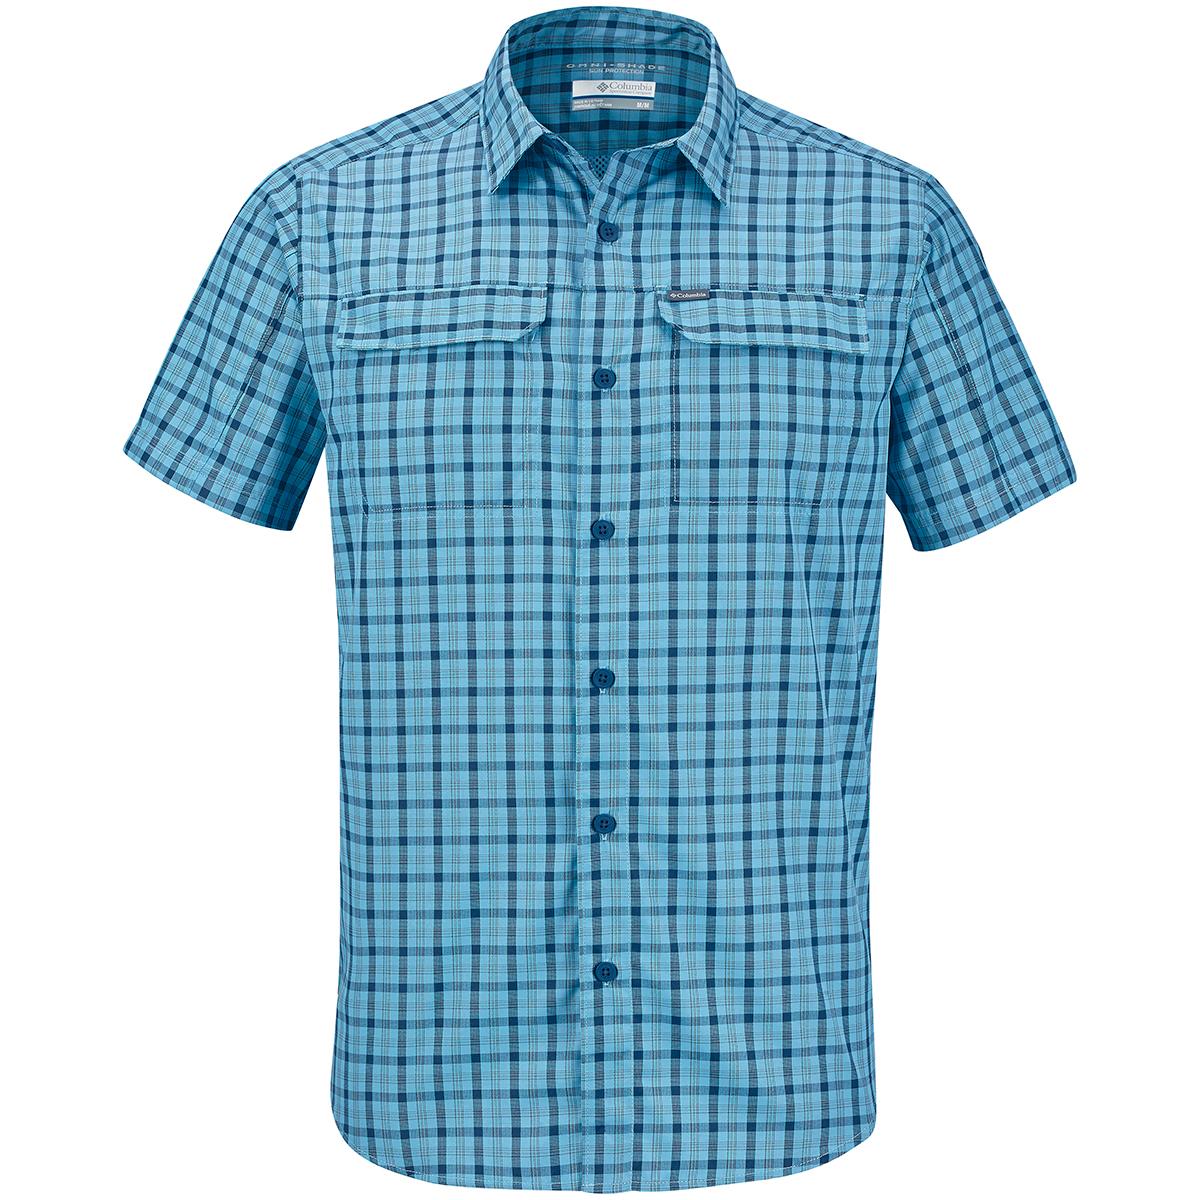 Columbia Men's Silver Ridge 2.0 Multi Plaid Short-Sleeve Shirt - Blue, L